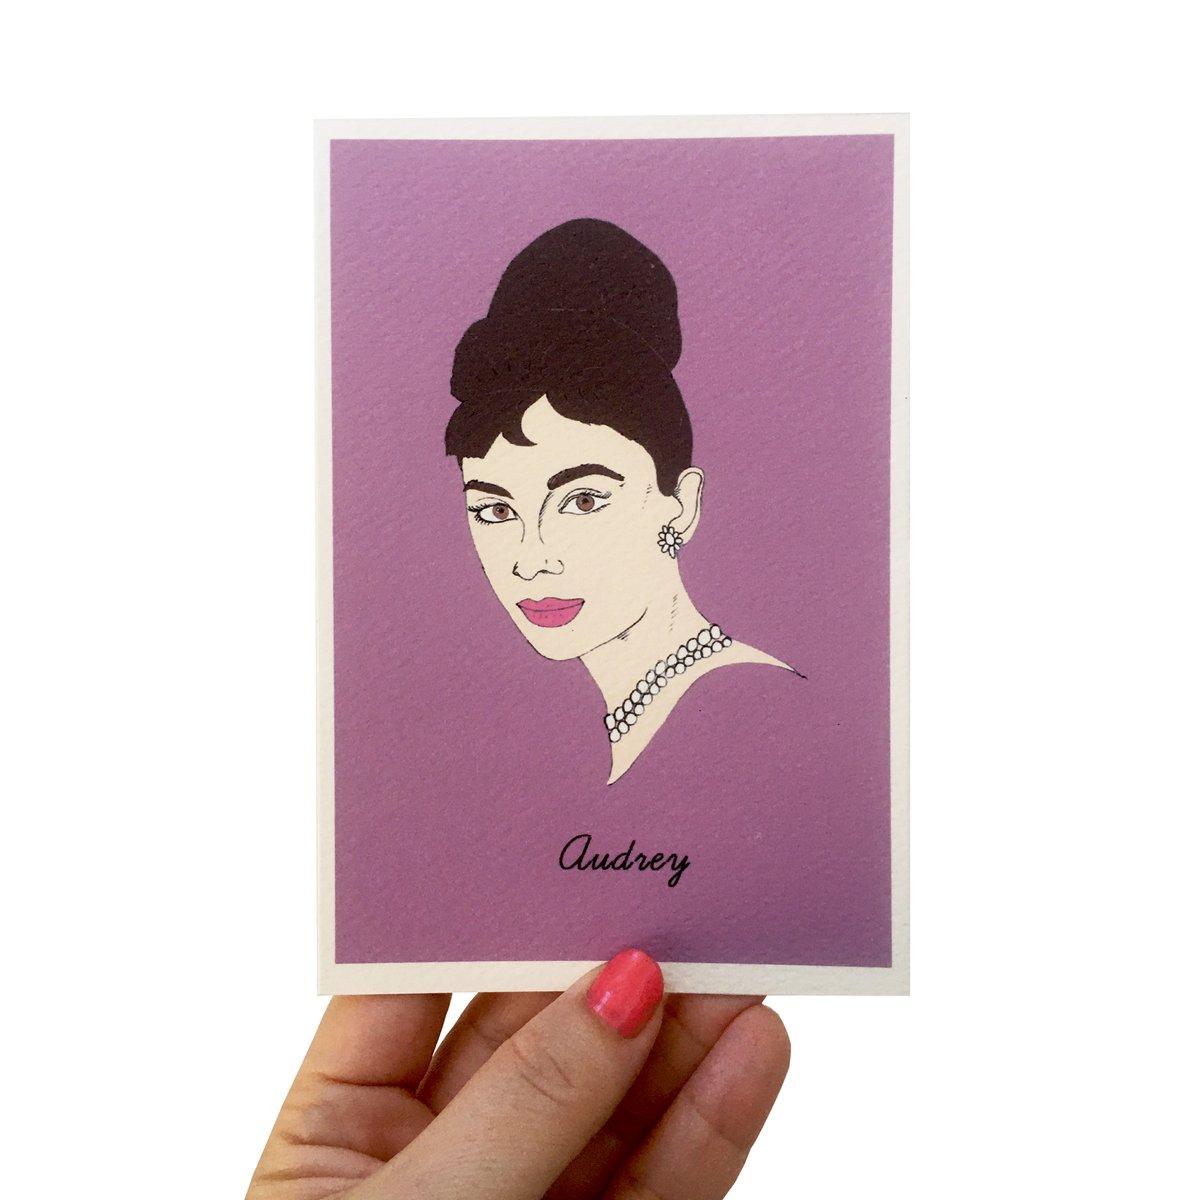 Audrey Hepburn Iconic Figures Card